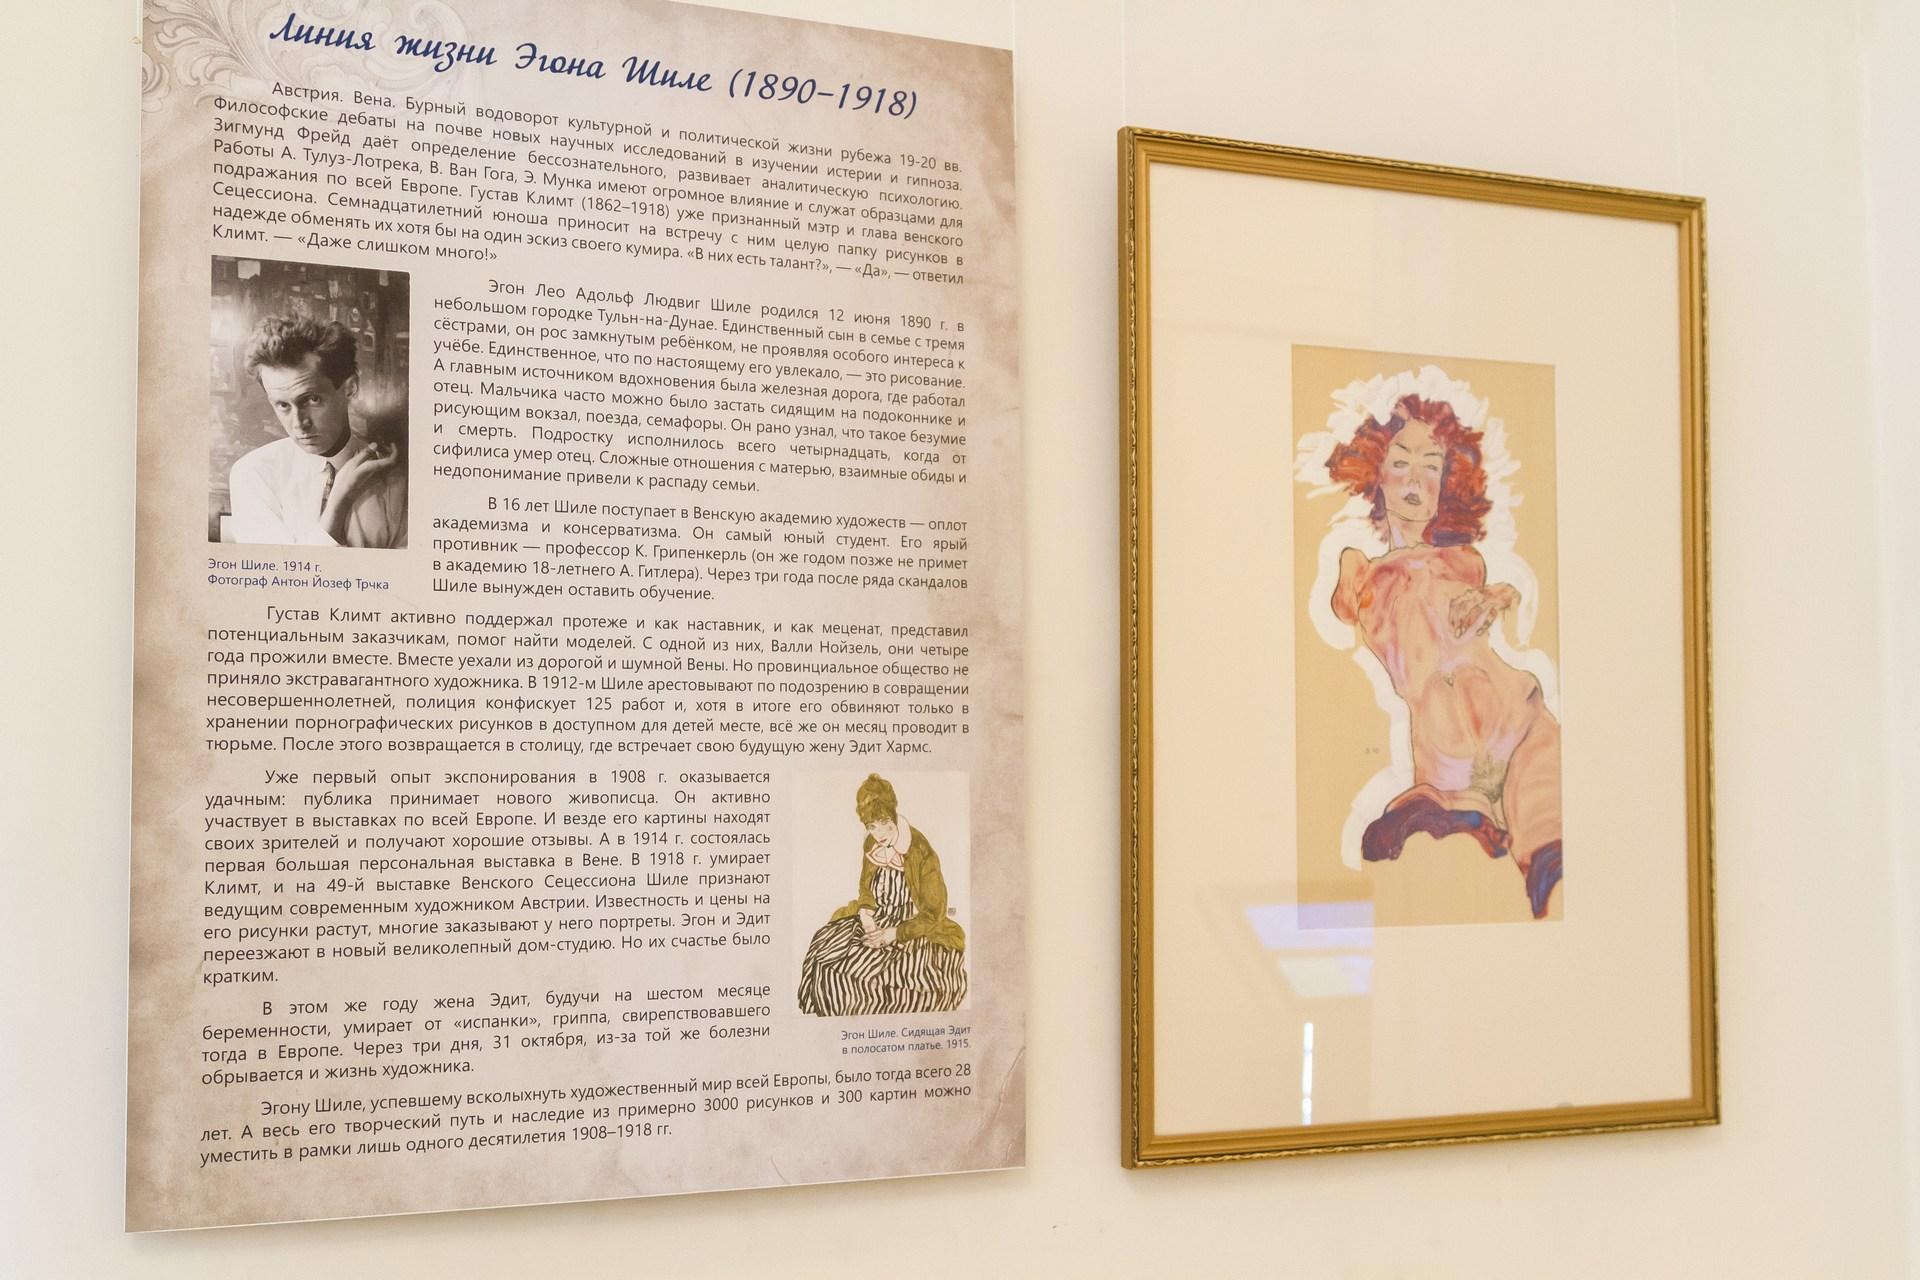 Шиле написал свой автопортрет в обнаженном виде